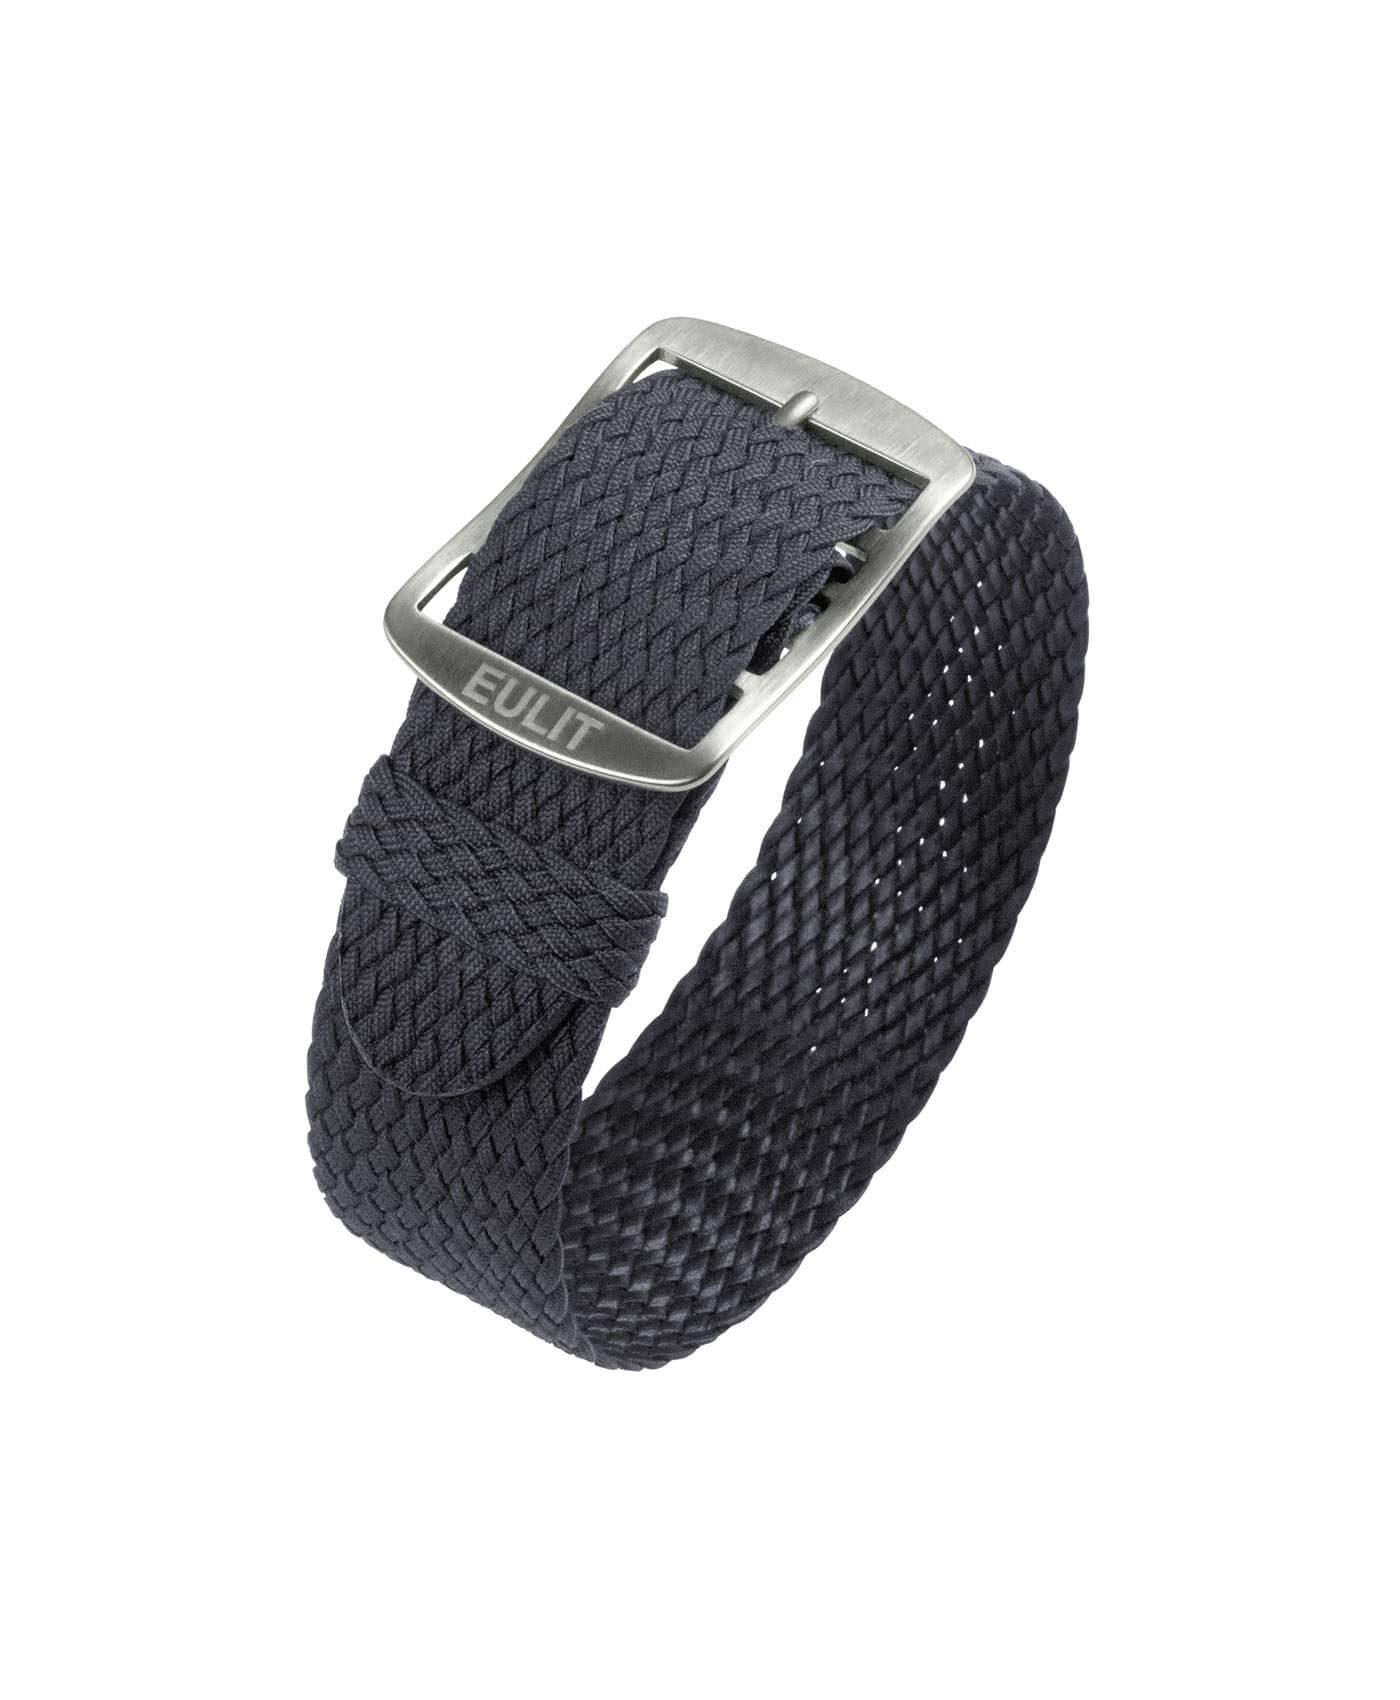 Eulit Baltic Perlon Watch Strap_Grey